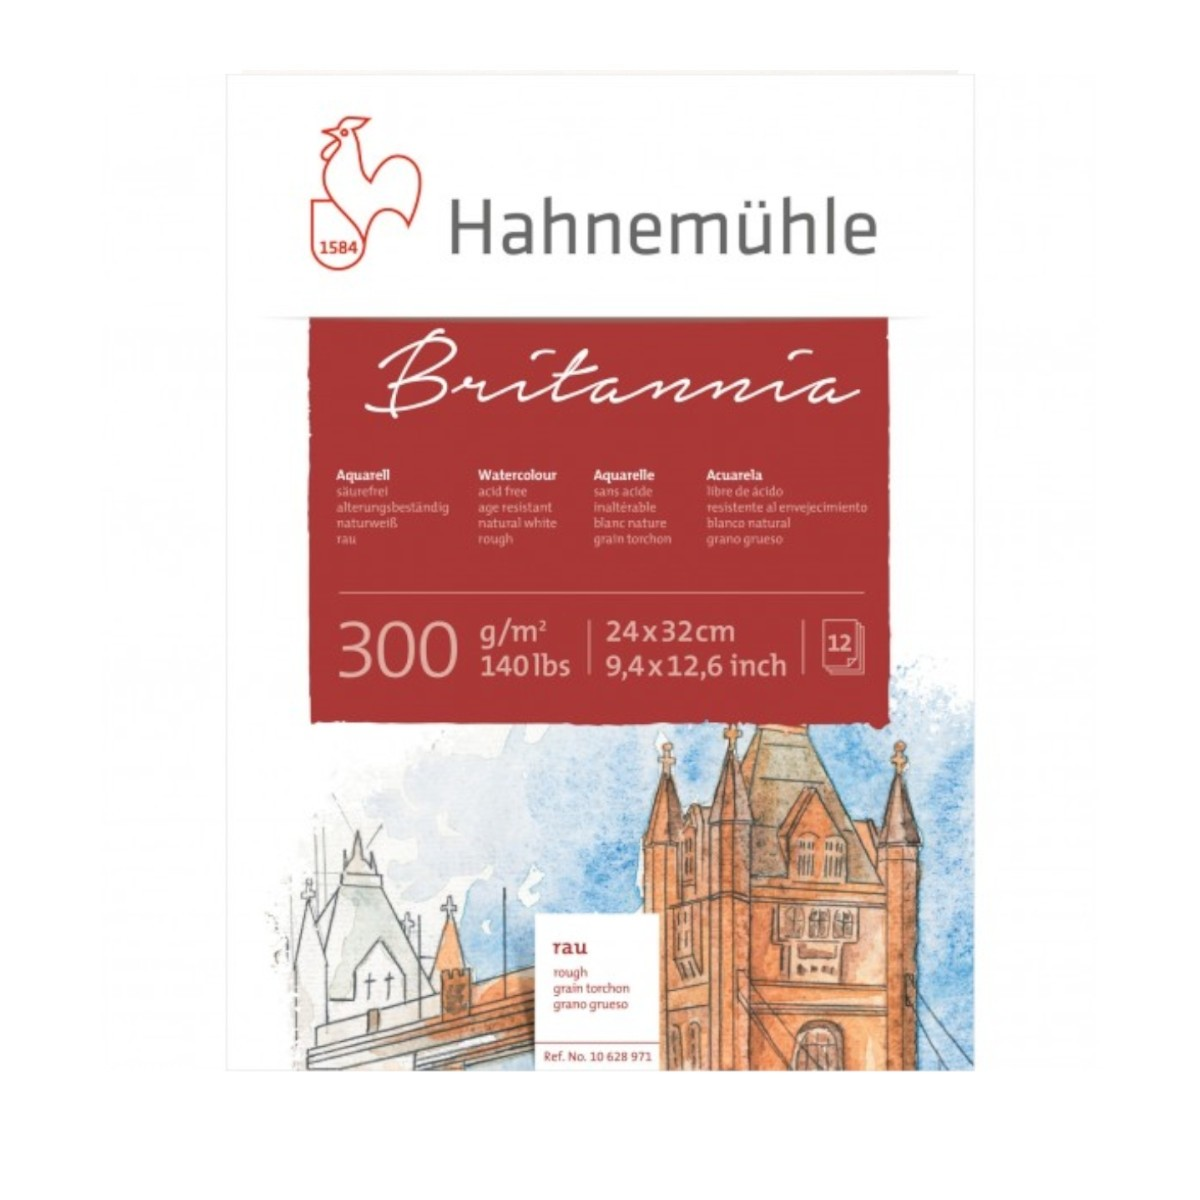 Hahnemühle Britannia Akvarel blok, rough, 24x32cm., 300gr.